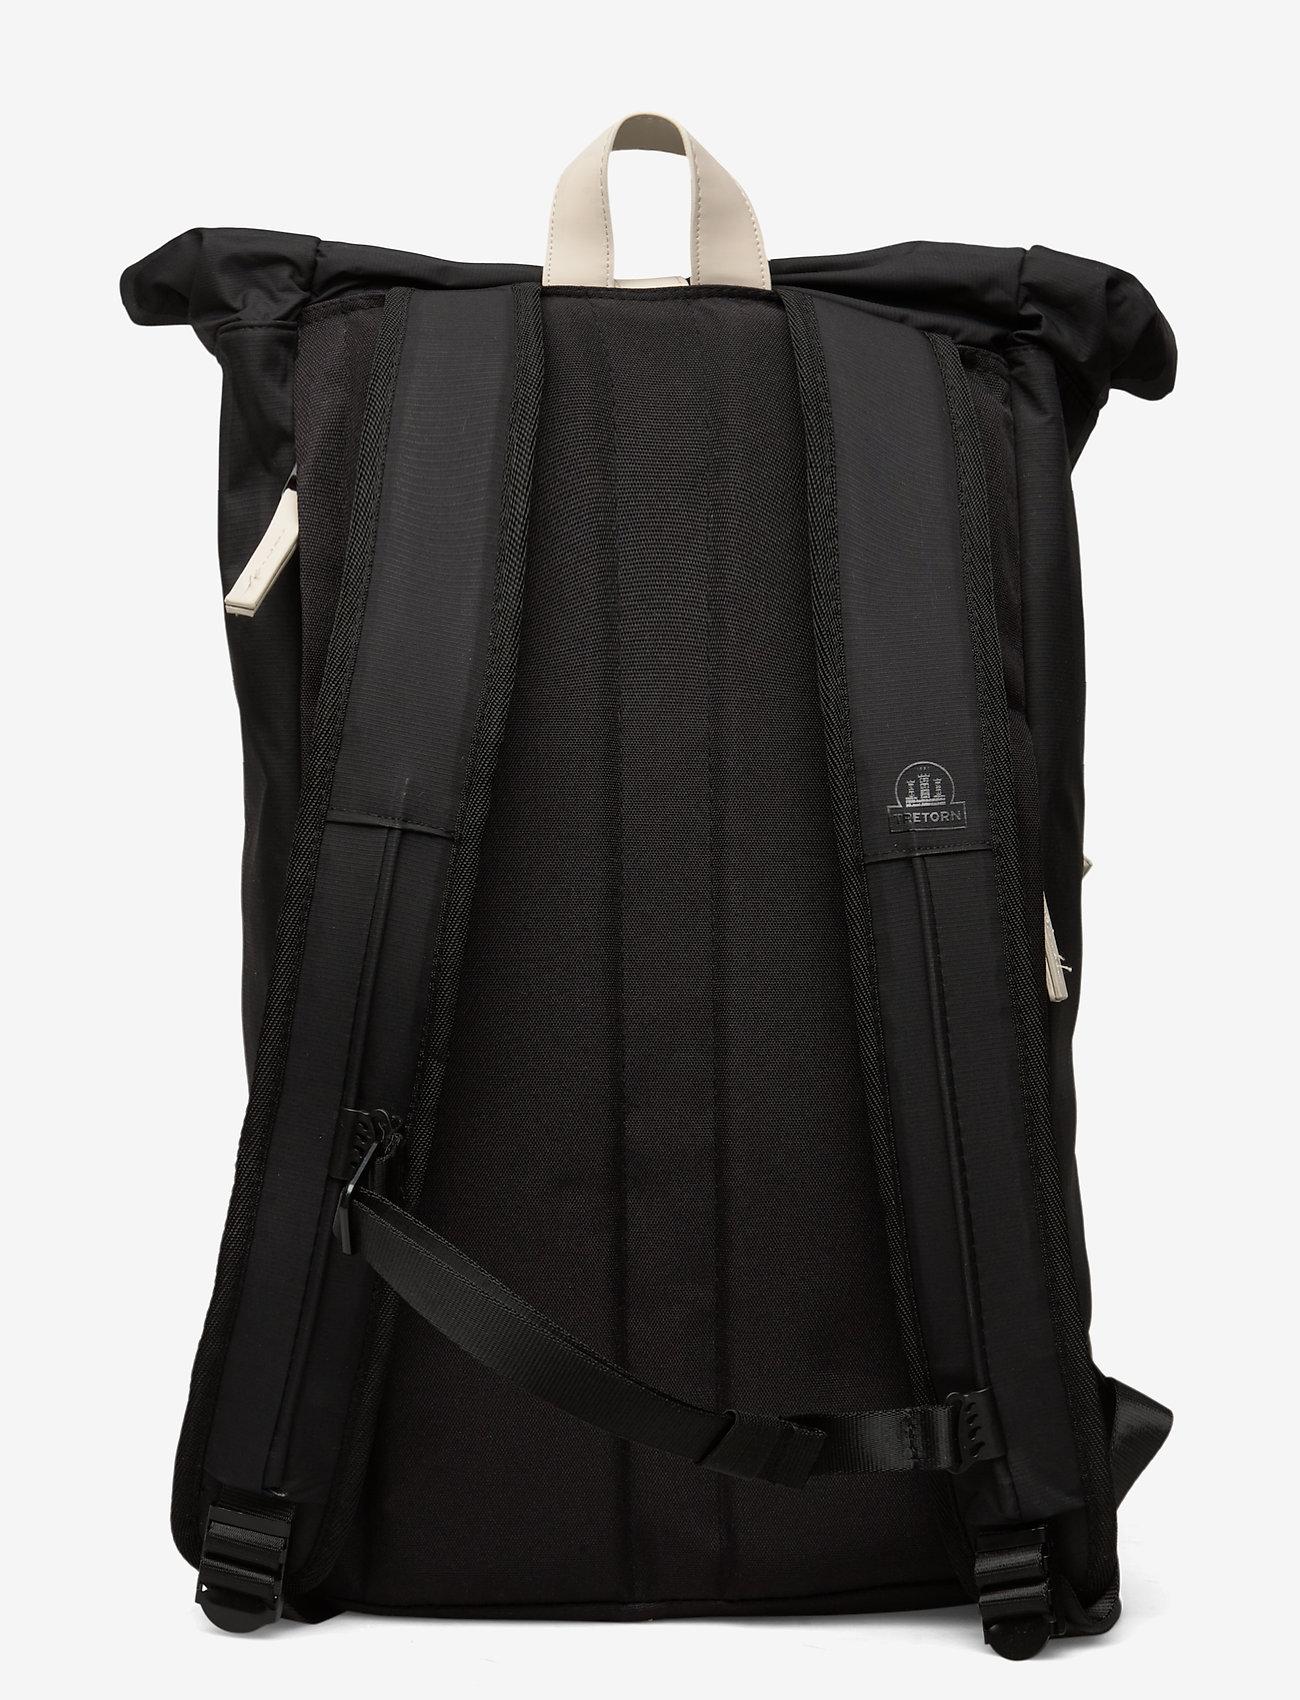 Tretorn - OCEAN NET ROLLTOP - väskor - 015/black/sand - 1